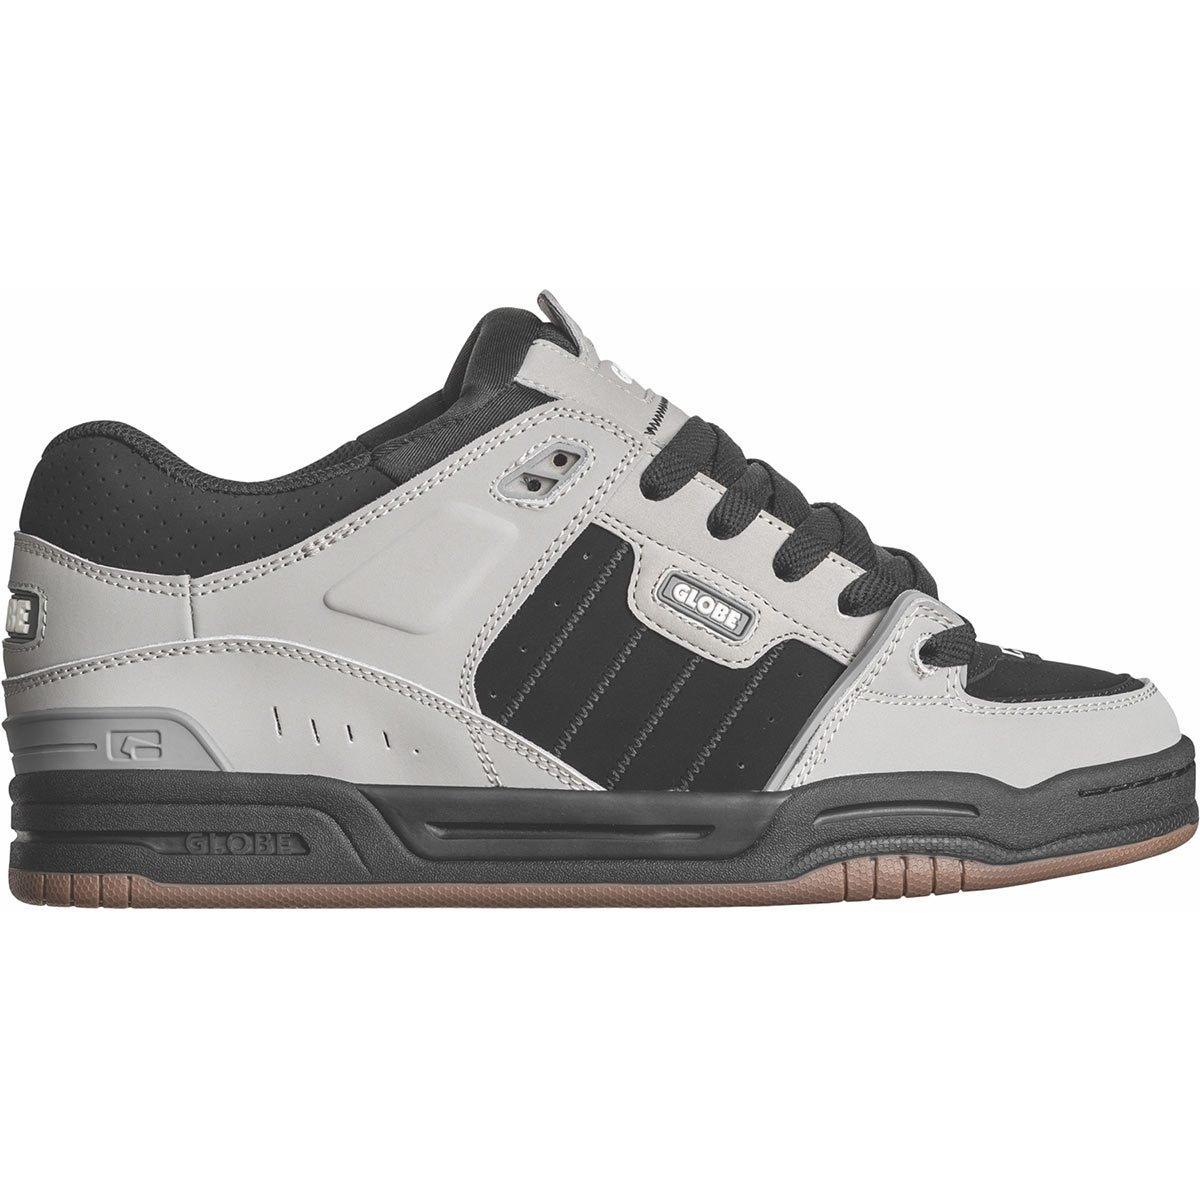 Globe Fusion Shoe Drizzle Grey/Black